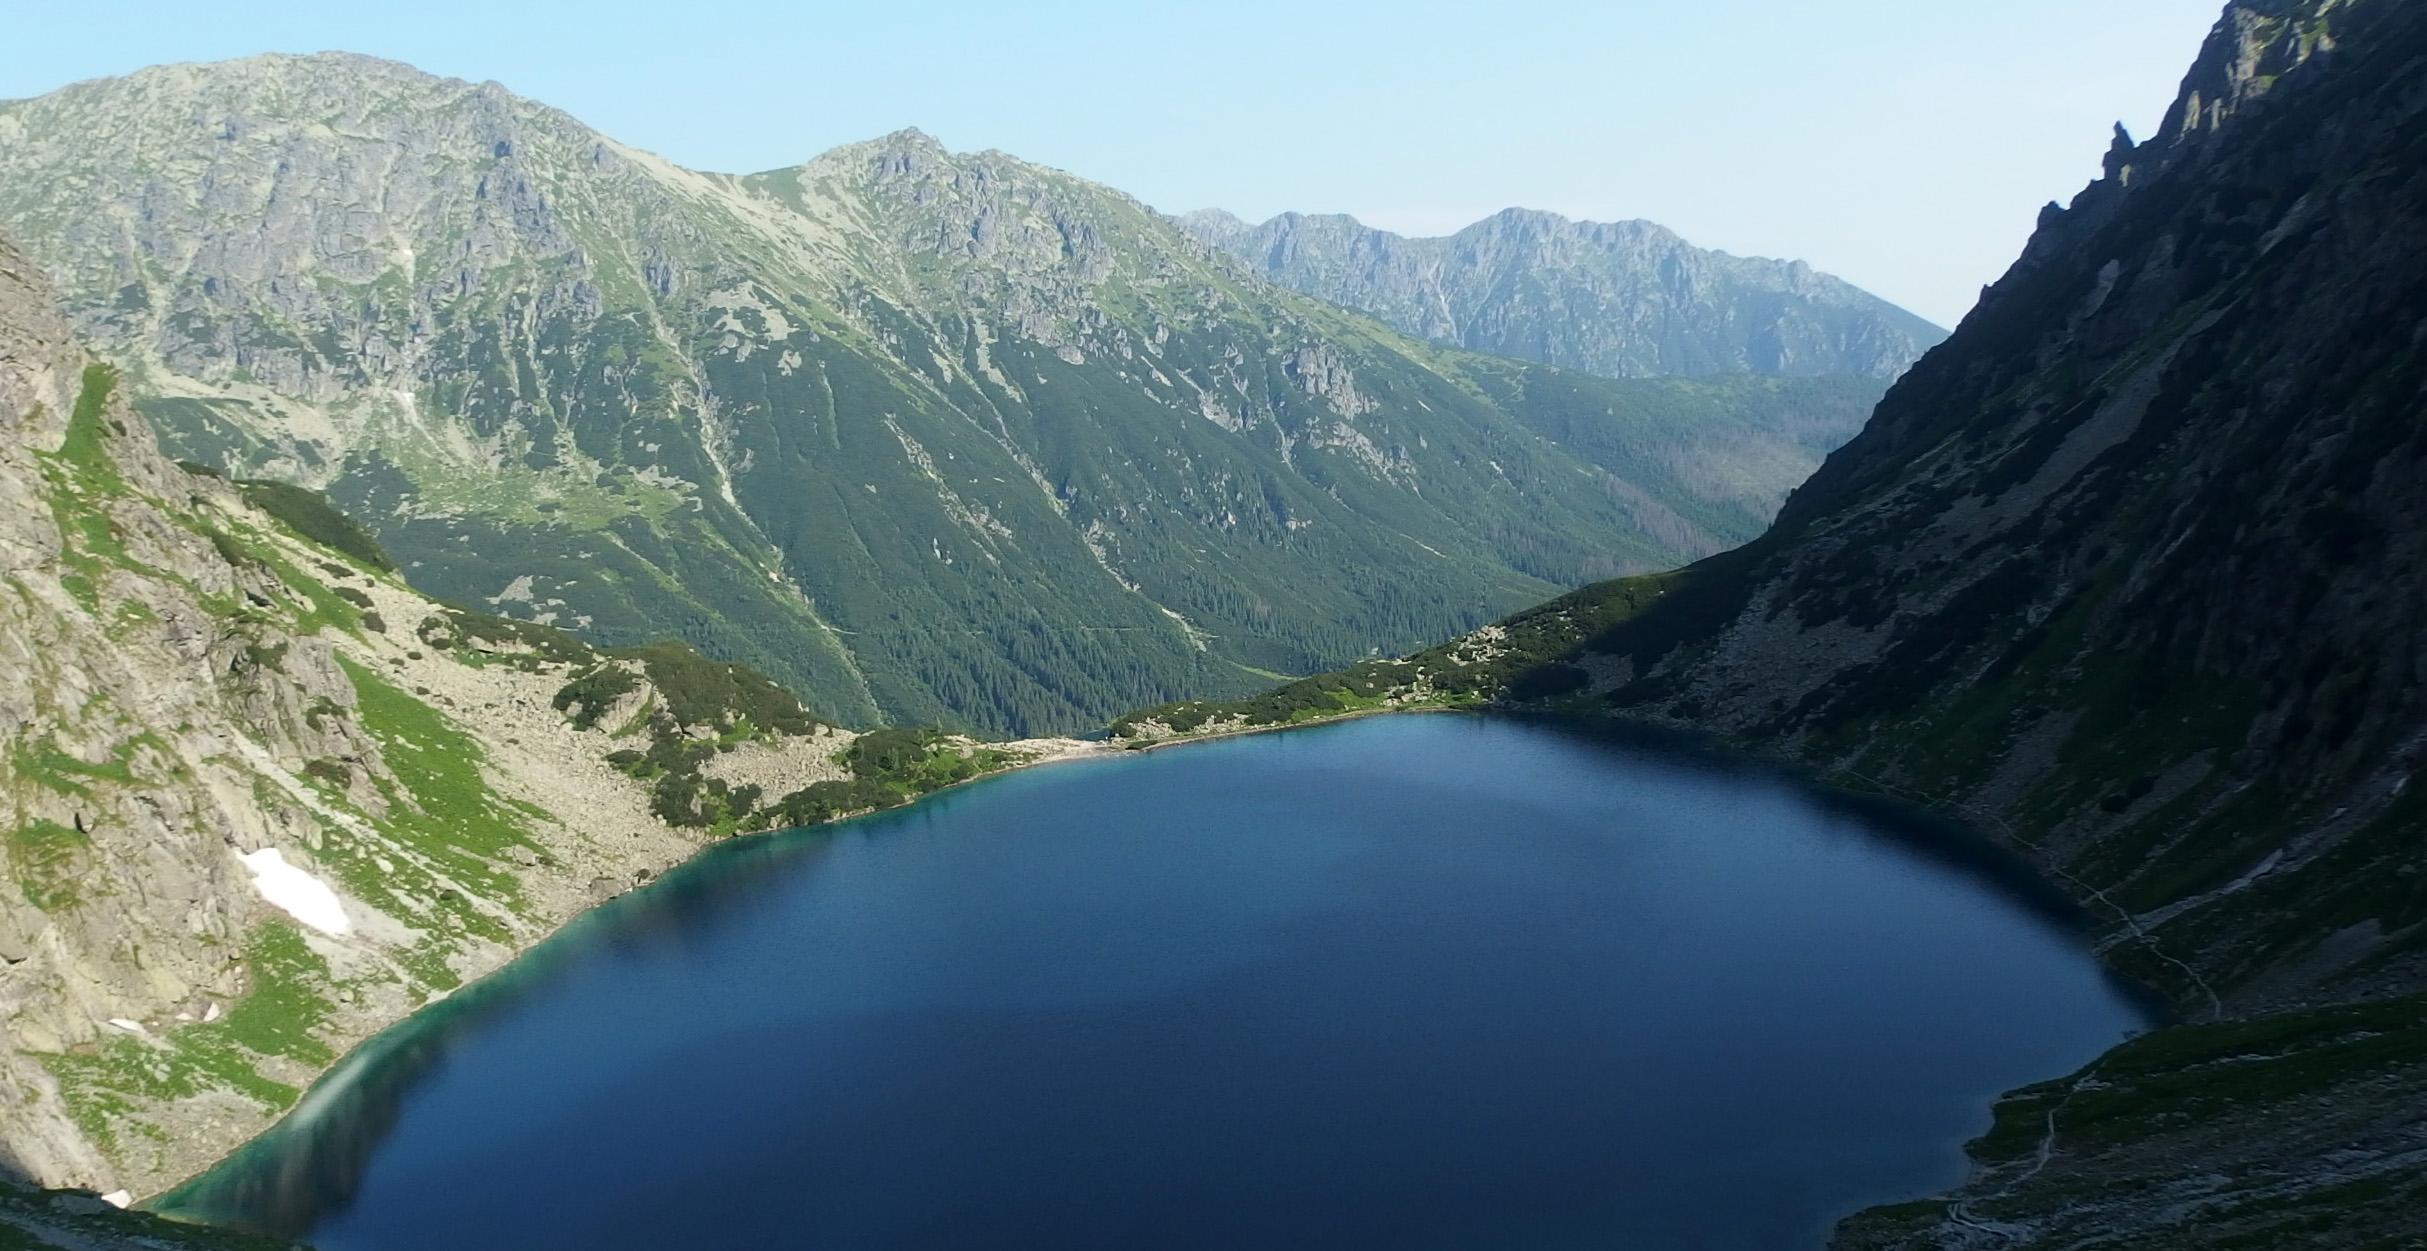 Szlak na Rysy, najwyższy szczyt Polski